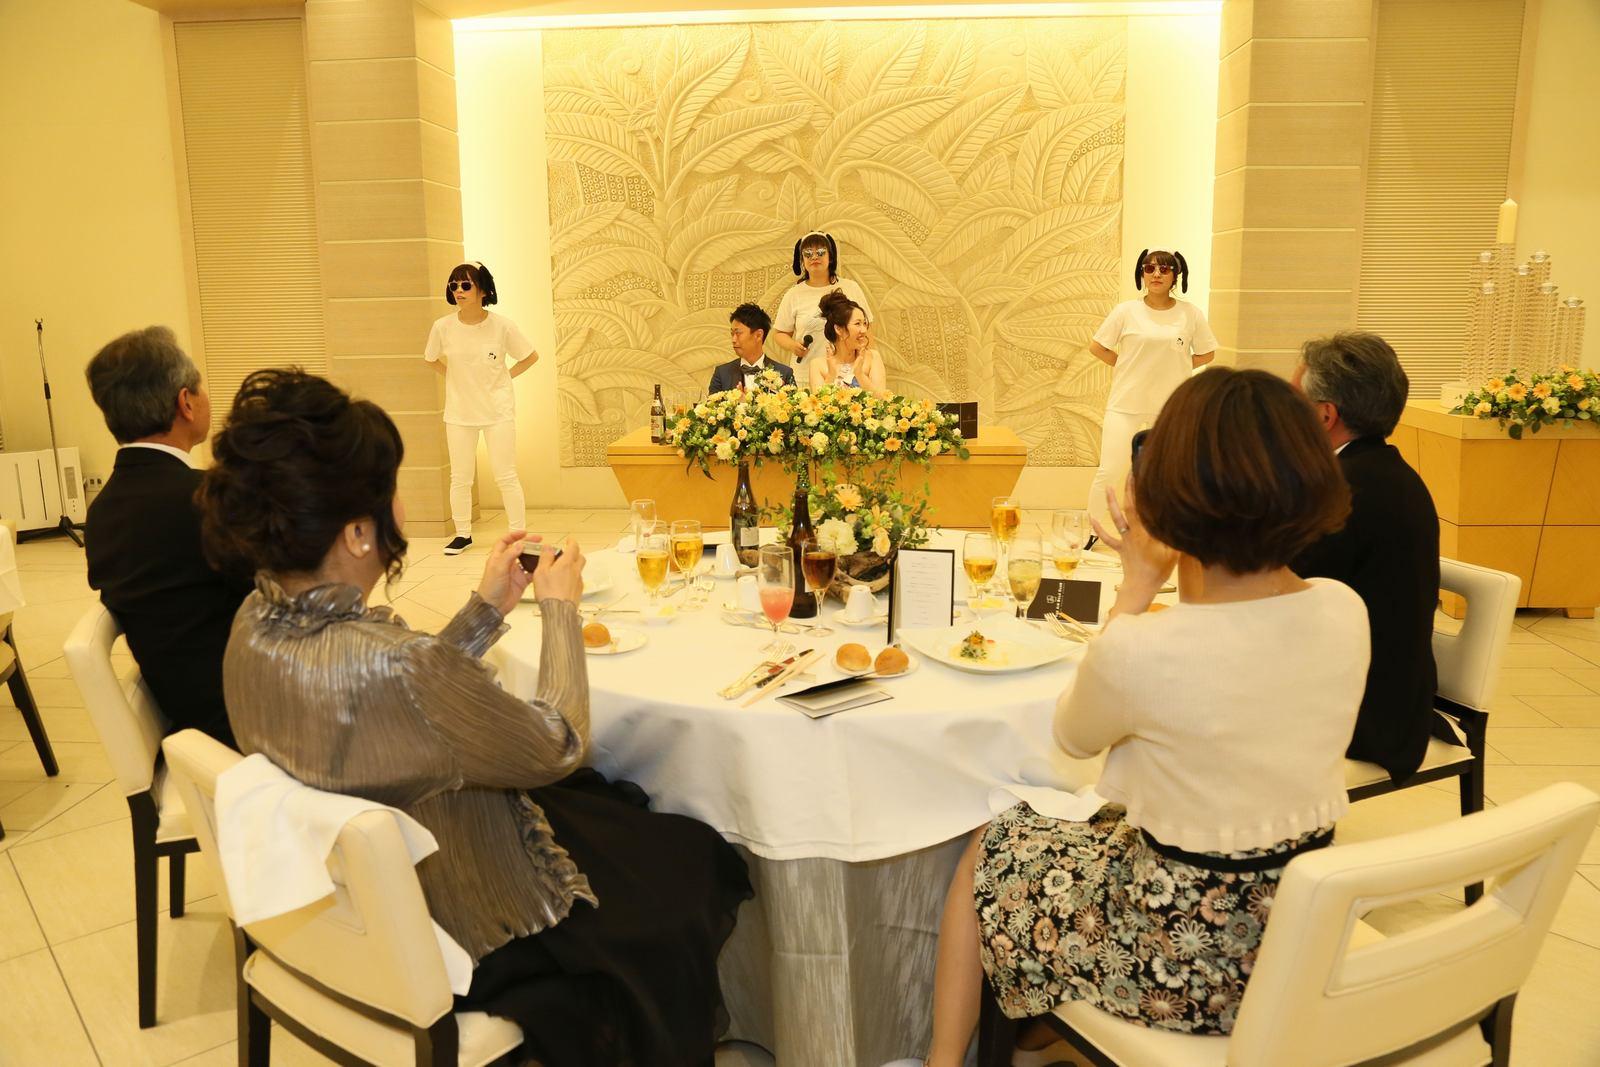 高松市の結婚式場アイルバレクラブの披露宴 余興を写真で撮影されて皆様お楽しみ